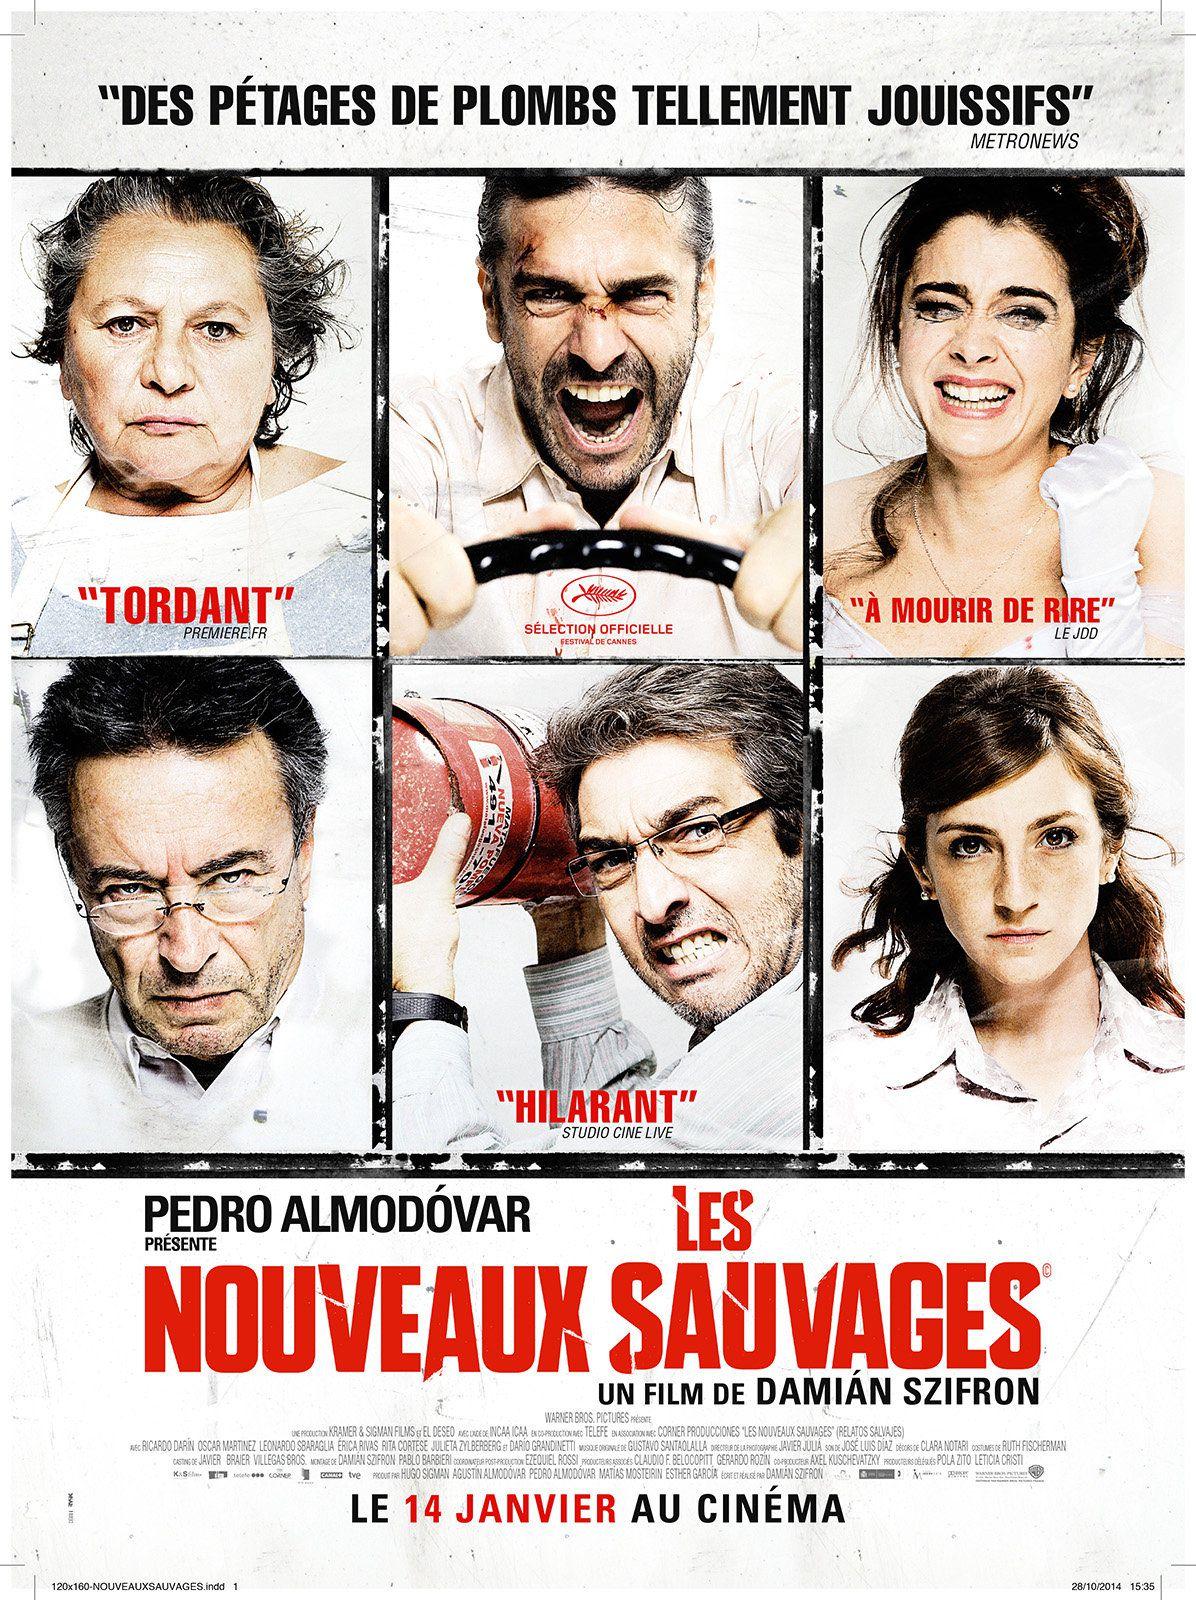 Les Nouveaux Sauvages - Film (2014)